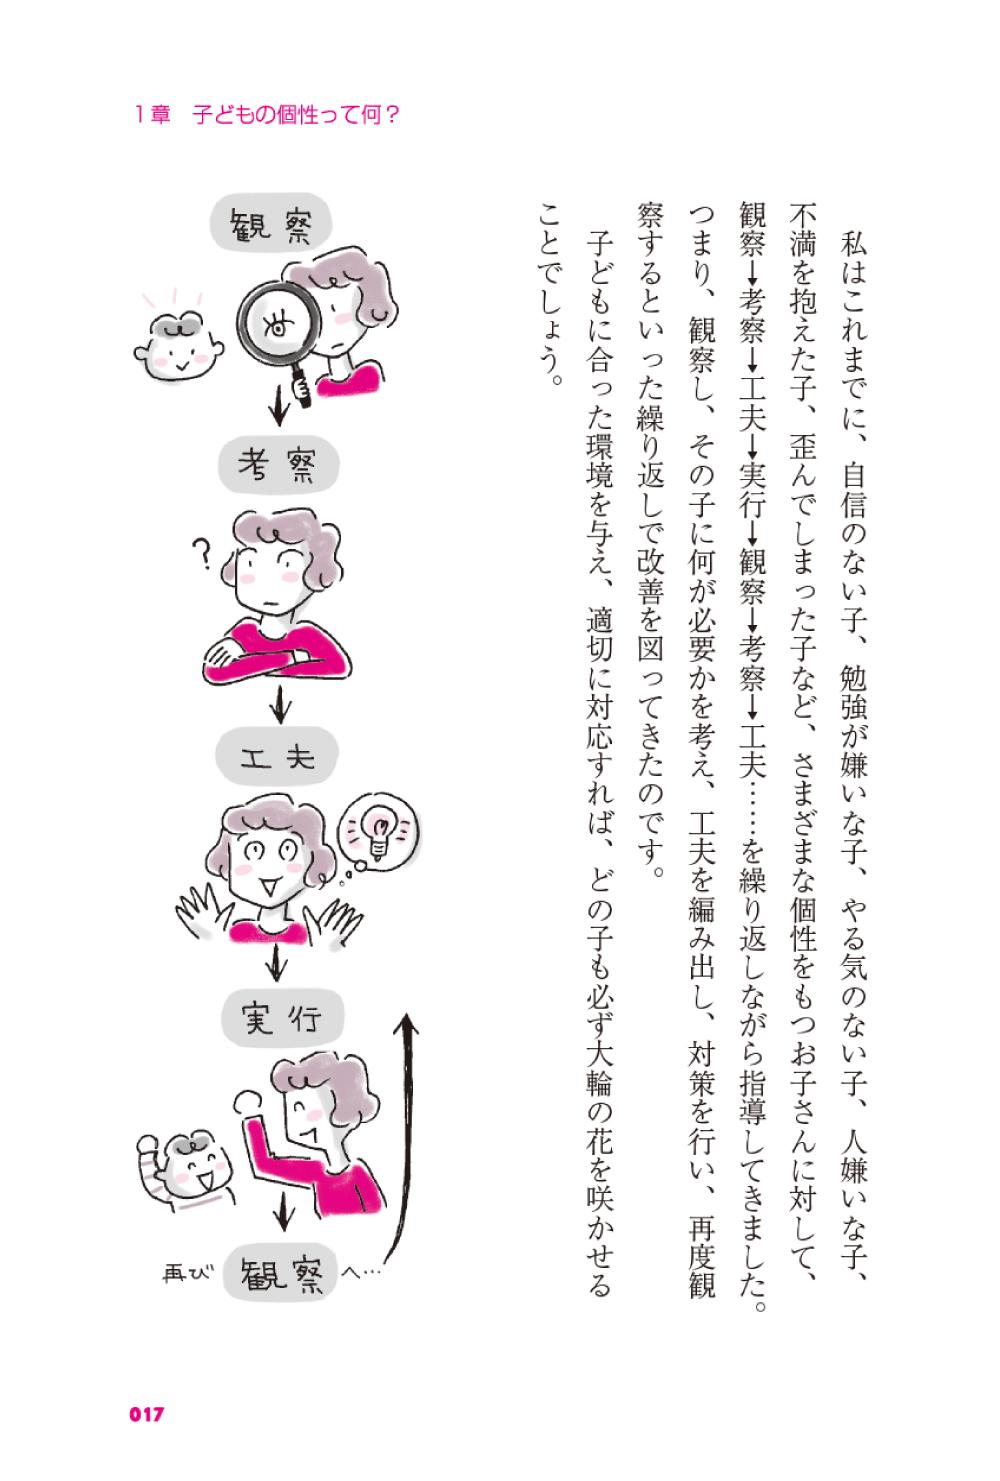 【教育】子どもを伸ばす母親力の磨き方の画像11